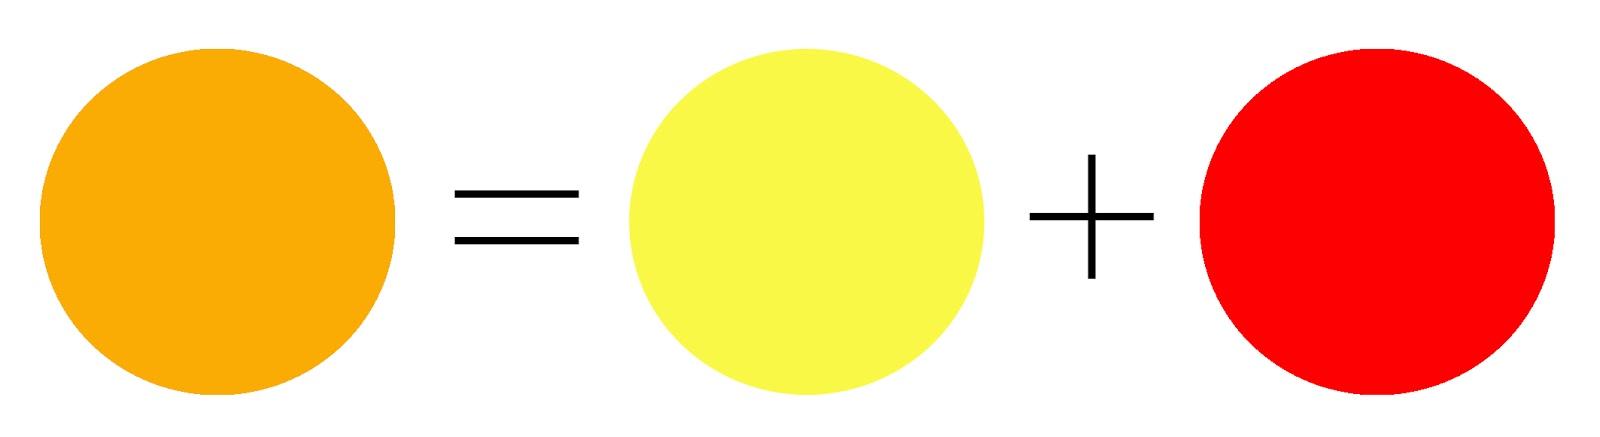 Manualidades mezcla de colores - Como se consigue el color naranja ...